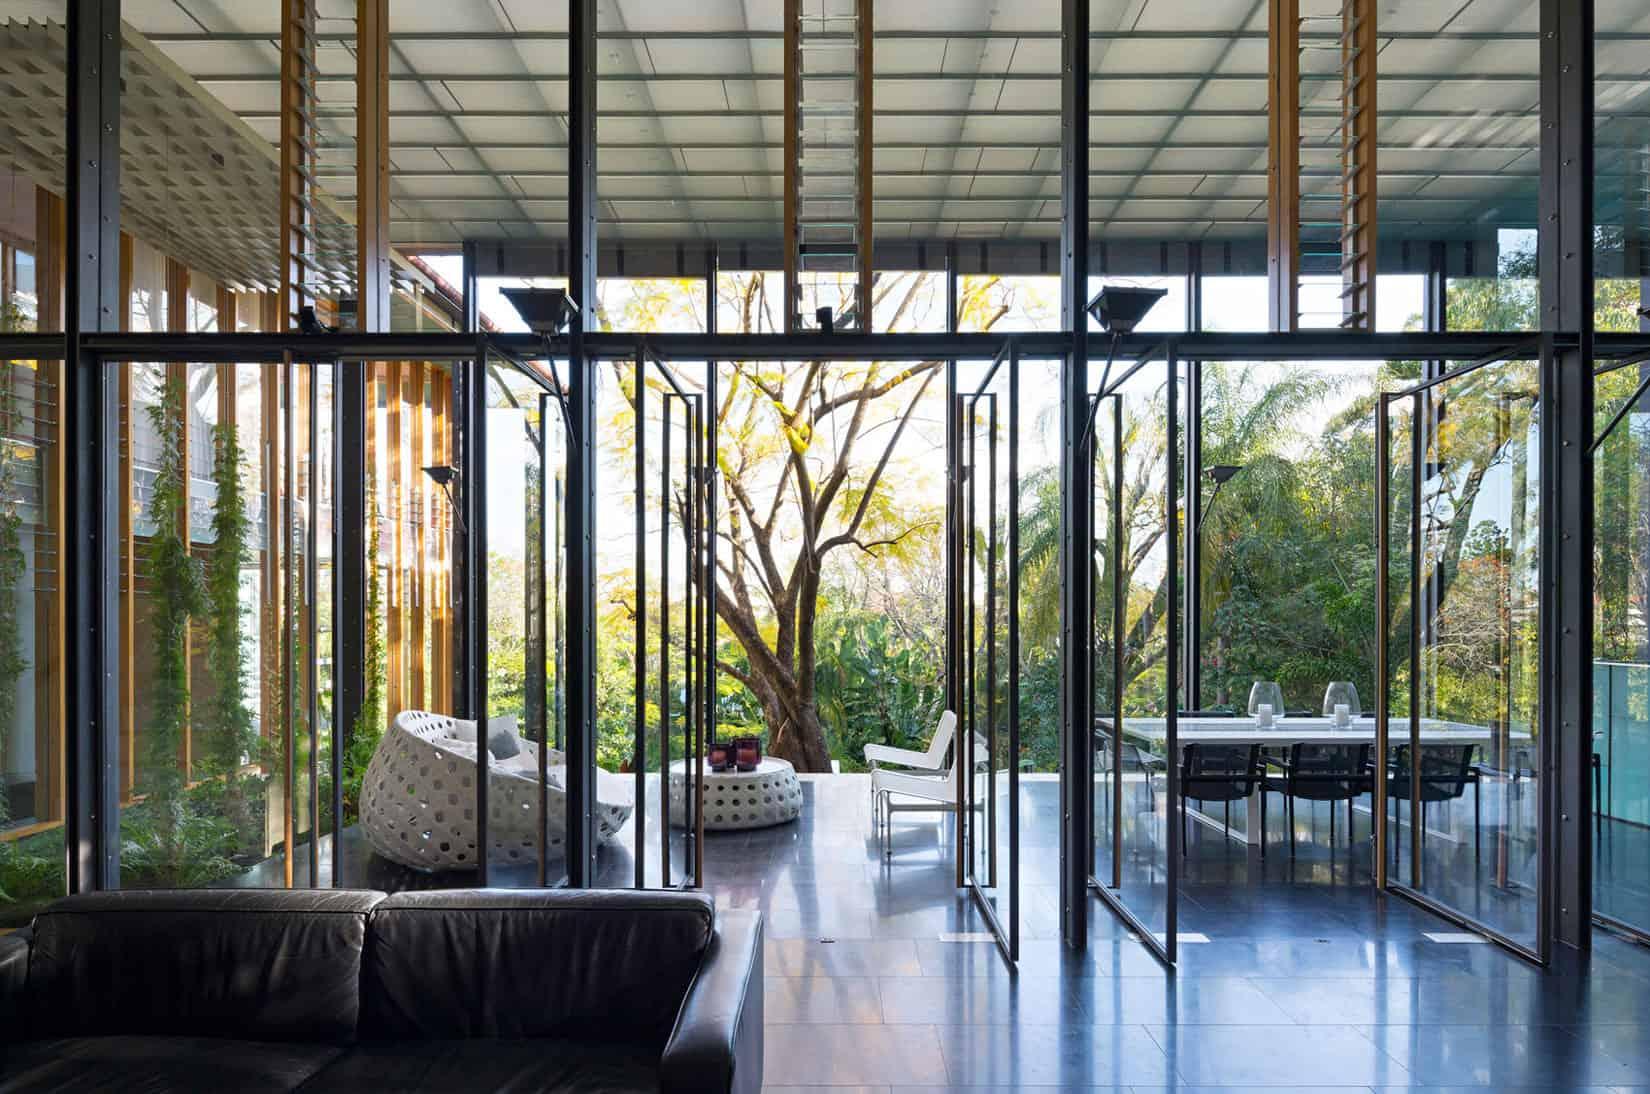 Taringa House by Loucas Zahos Architects